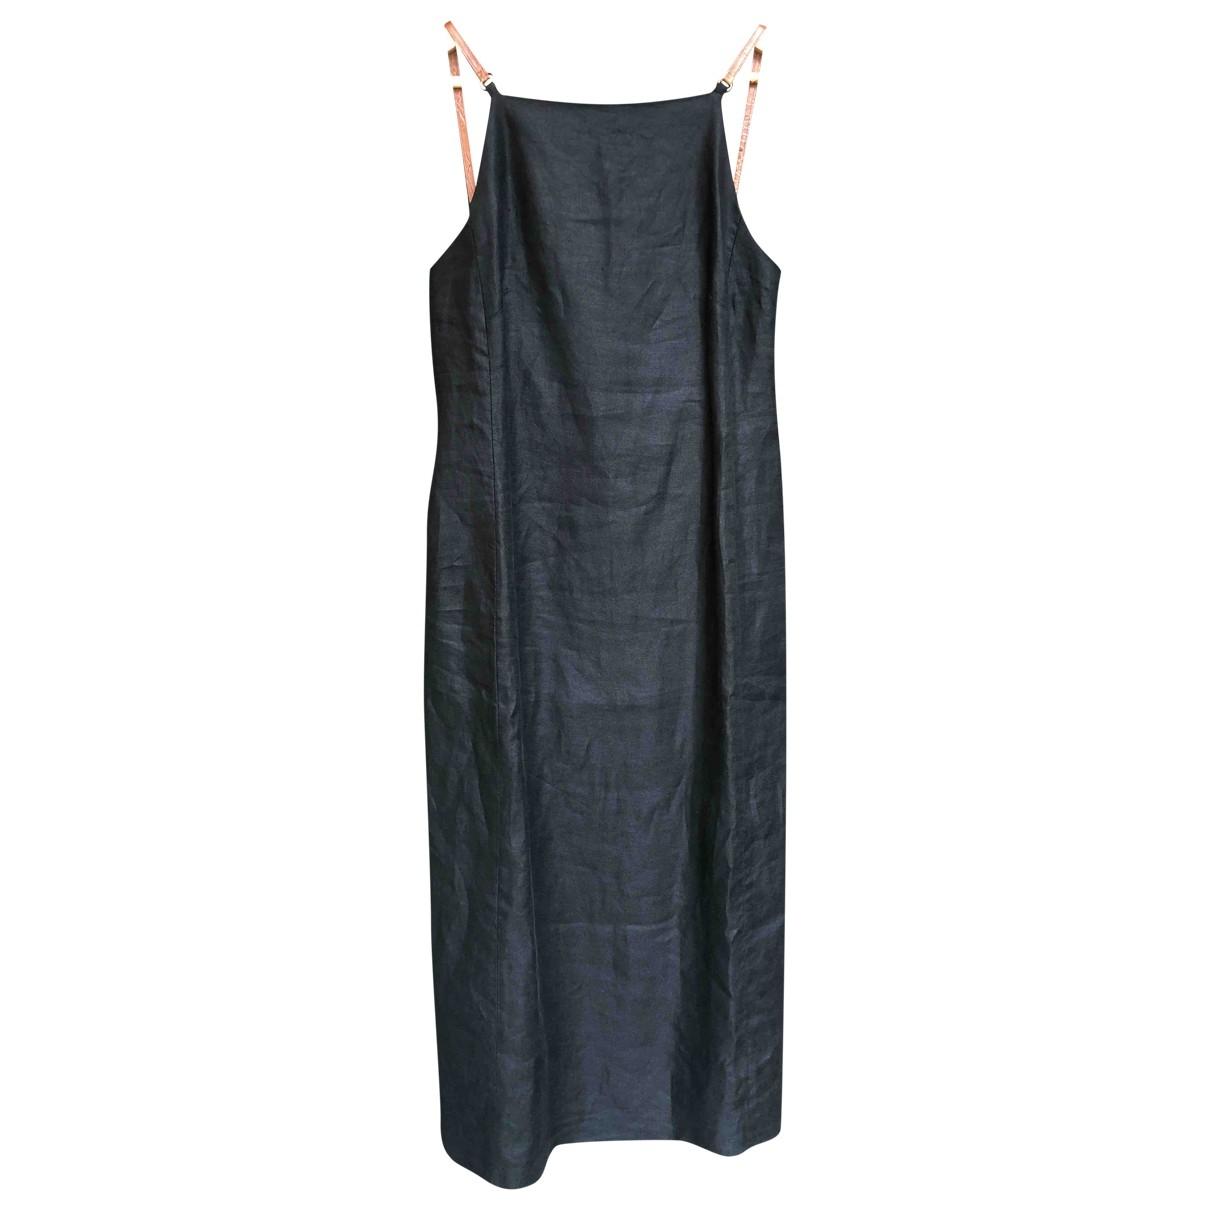 Max Mara \N Black Linen dress for Women 40 FR